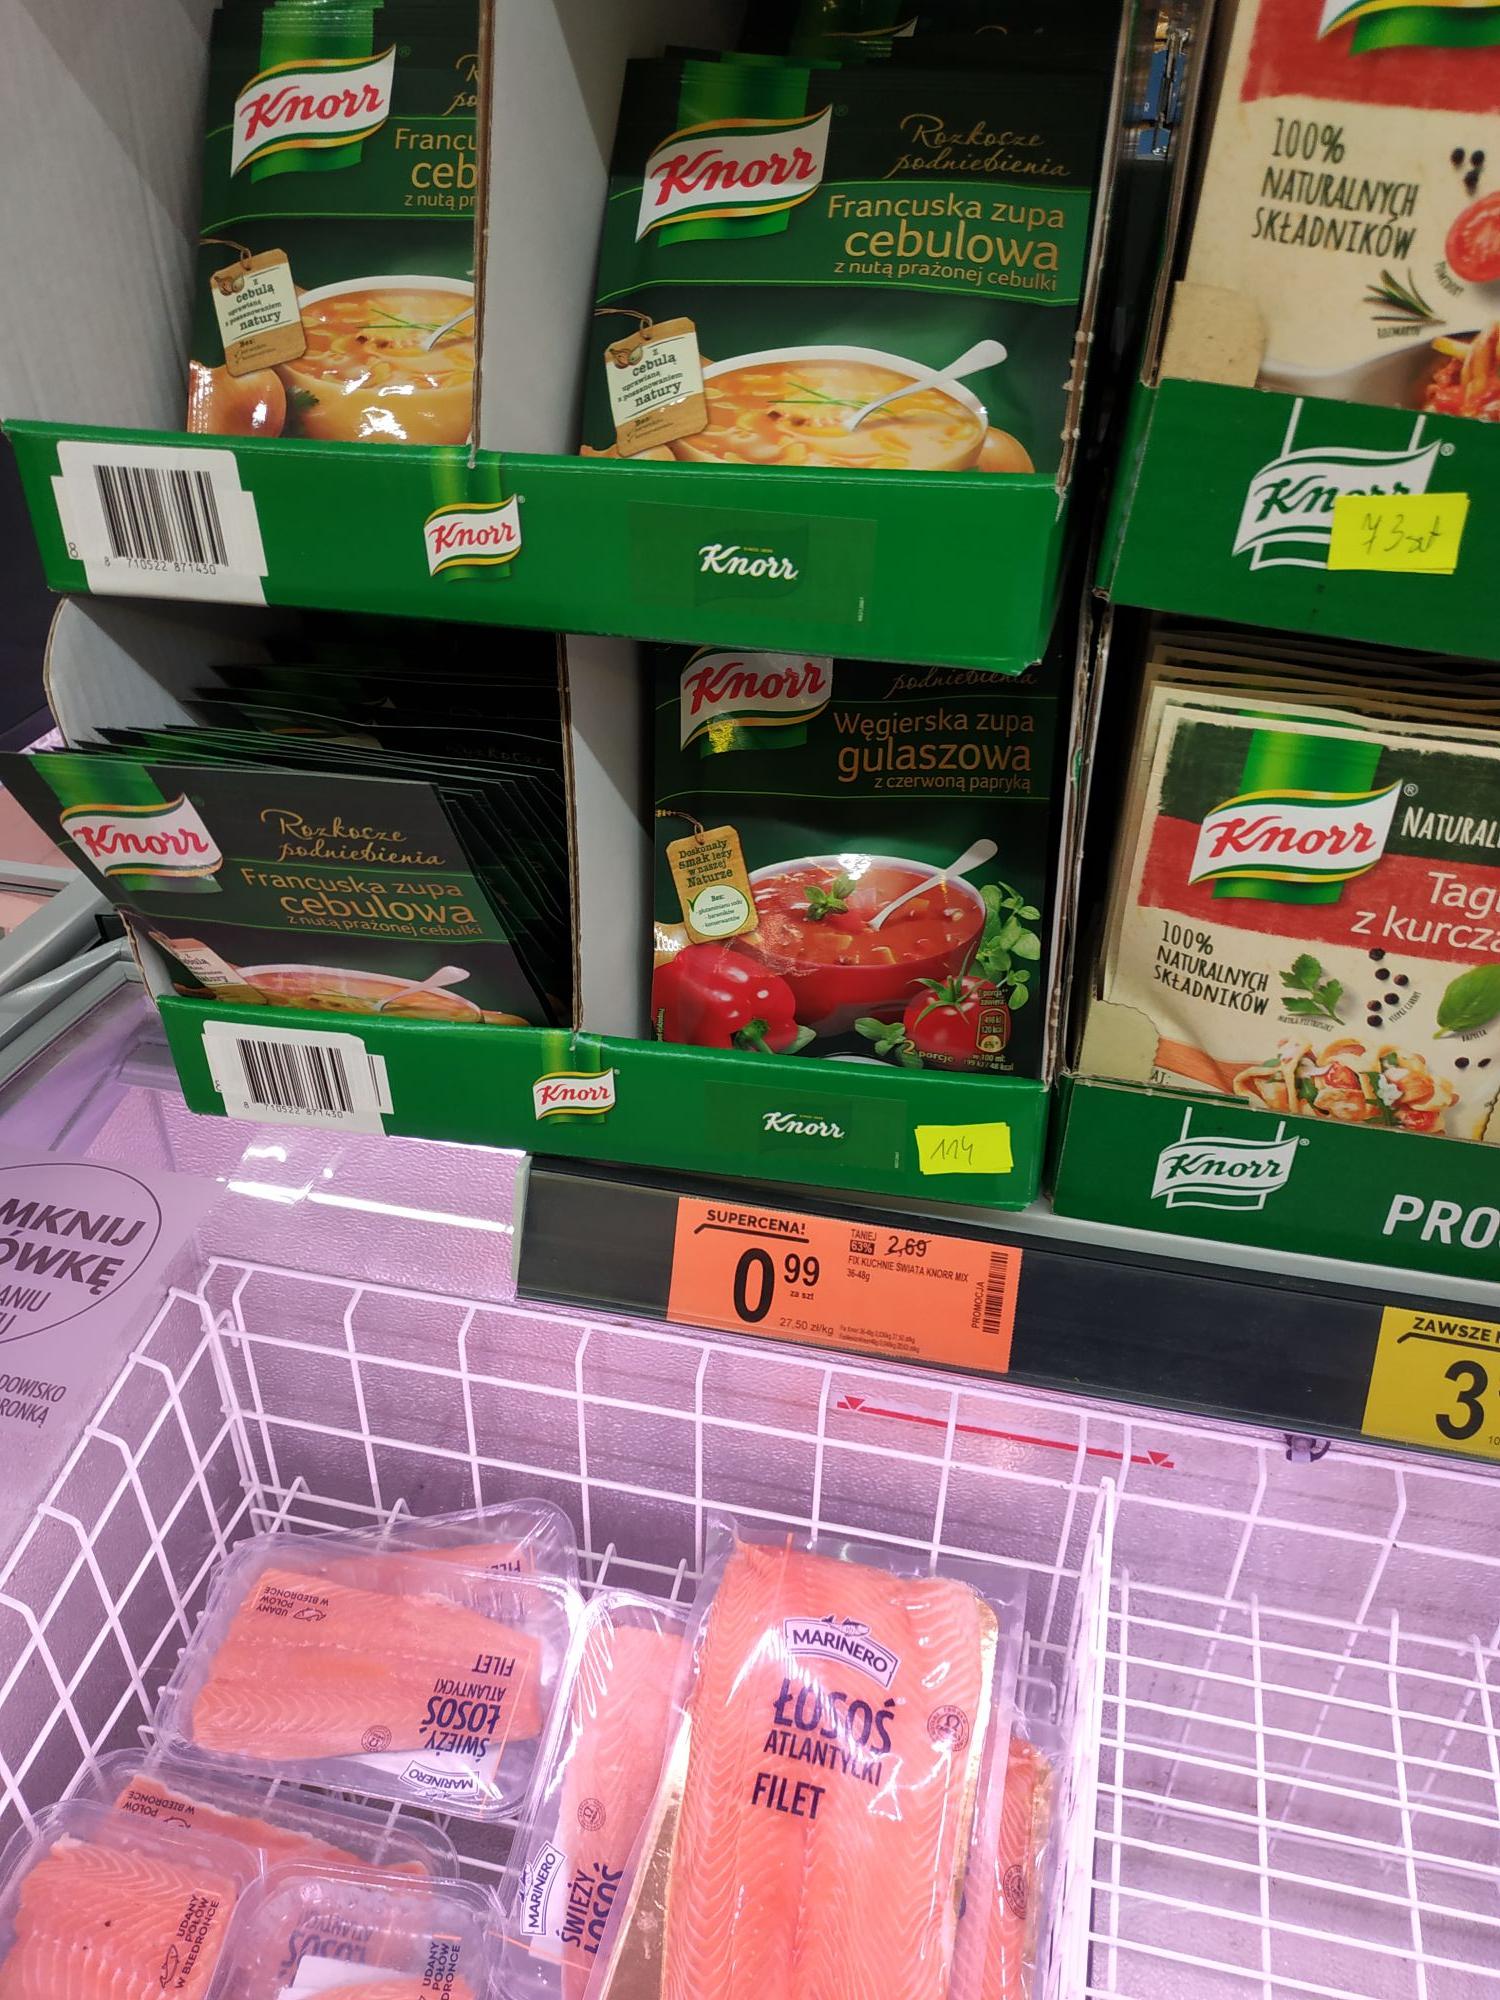 Fix kuchnie świata Knorr - Biedronka